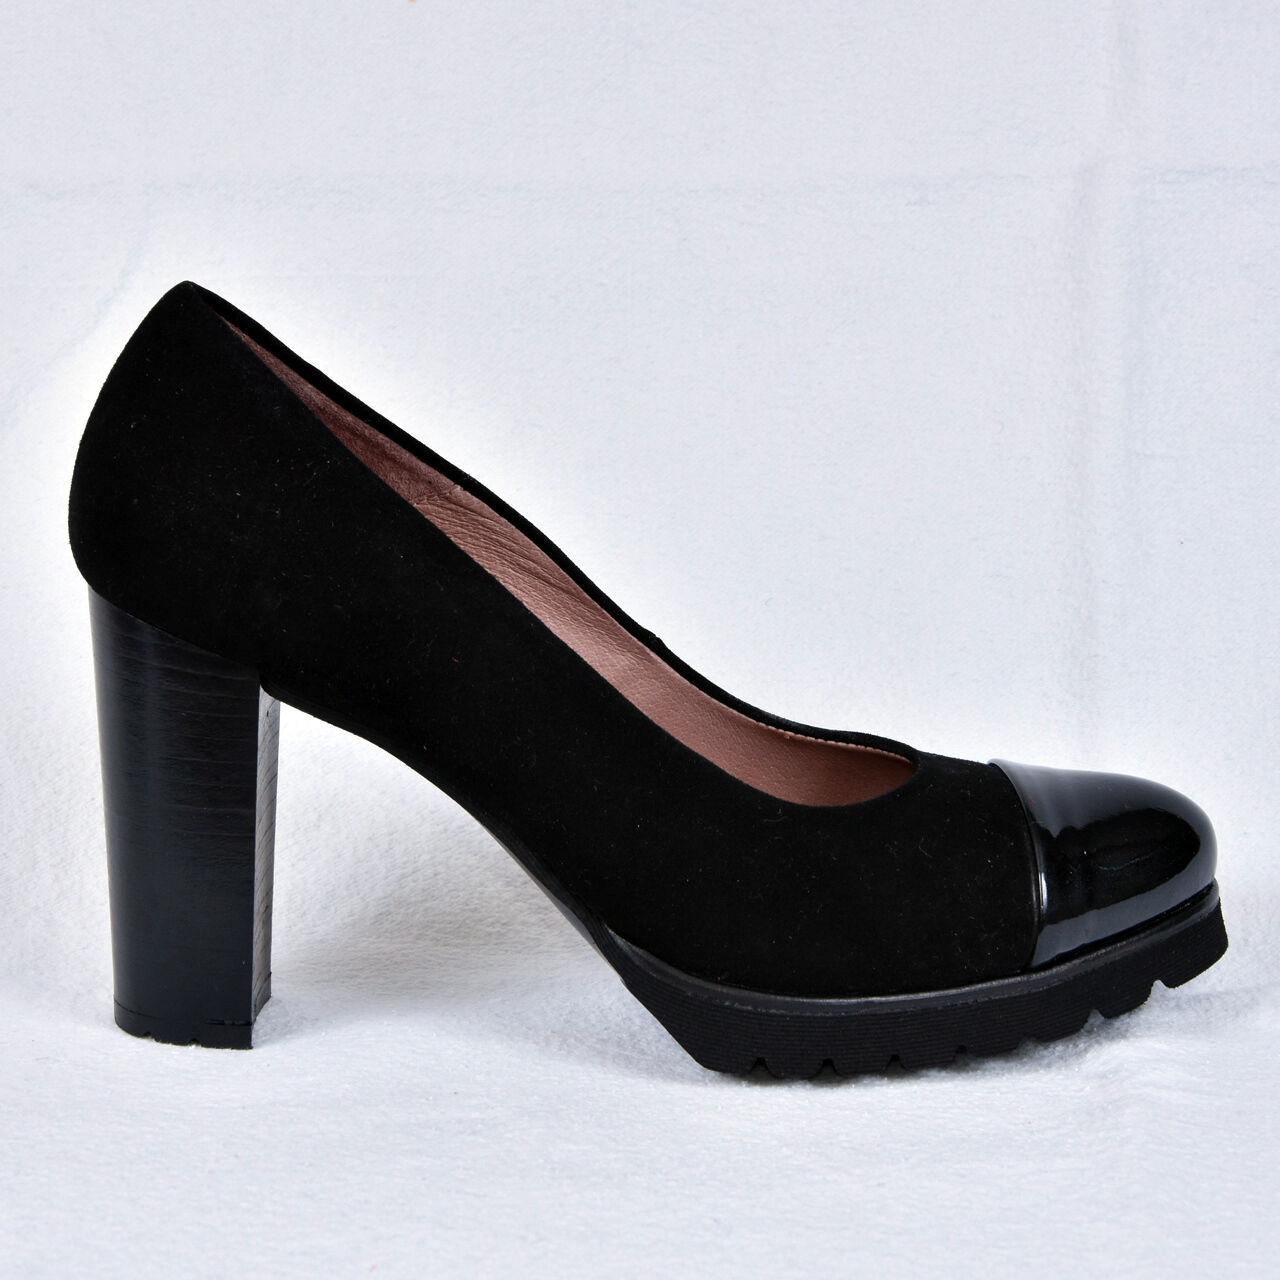 vendita online NEW Gadea DA DONNA PUMPS PLATEAU PLATEAU PLATEAU nero tacco alto pelle taglia 38 Scarpe  nuovo stile